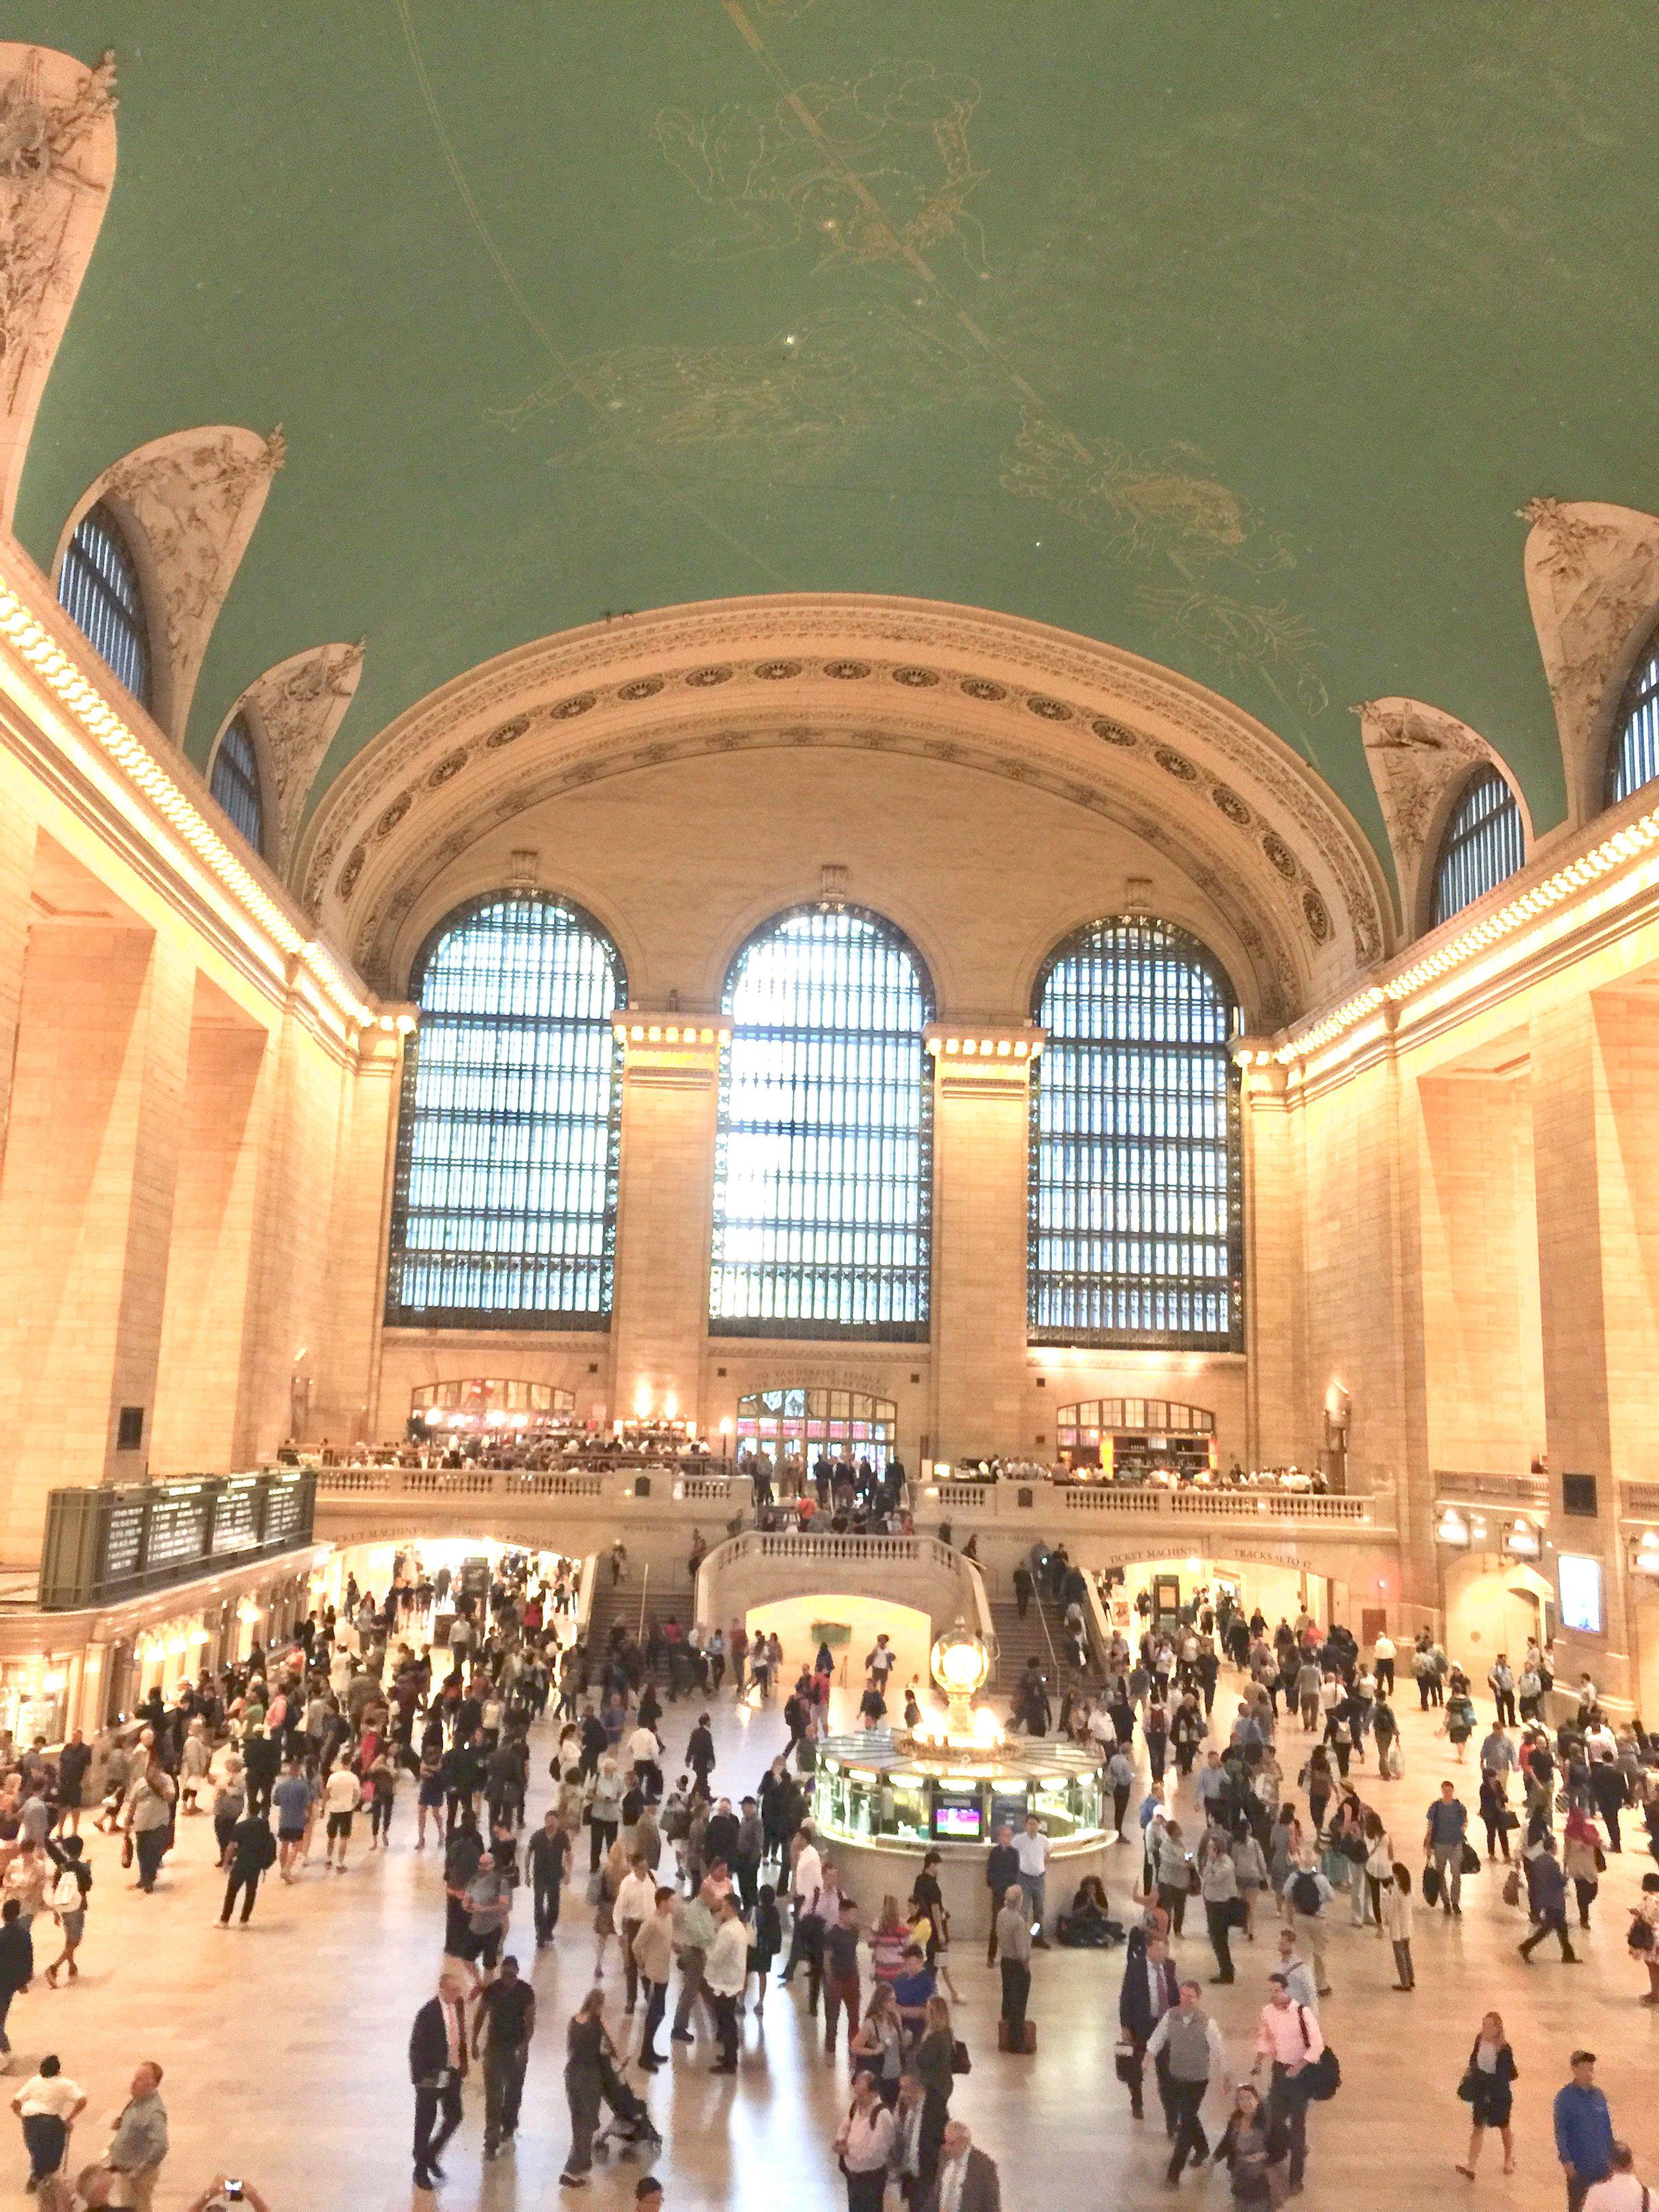 グランドセントラル駅 ニューヨーク 必ず一回はこの星座の天井を拝見